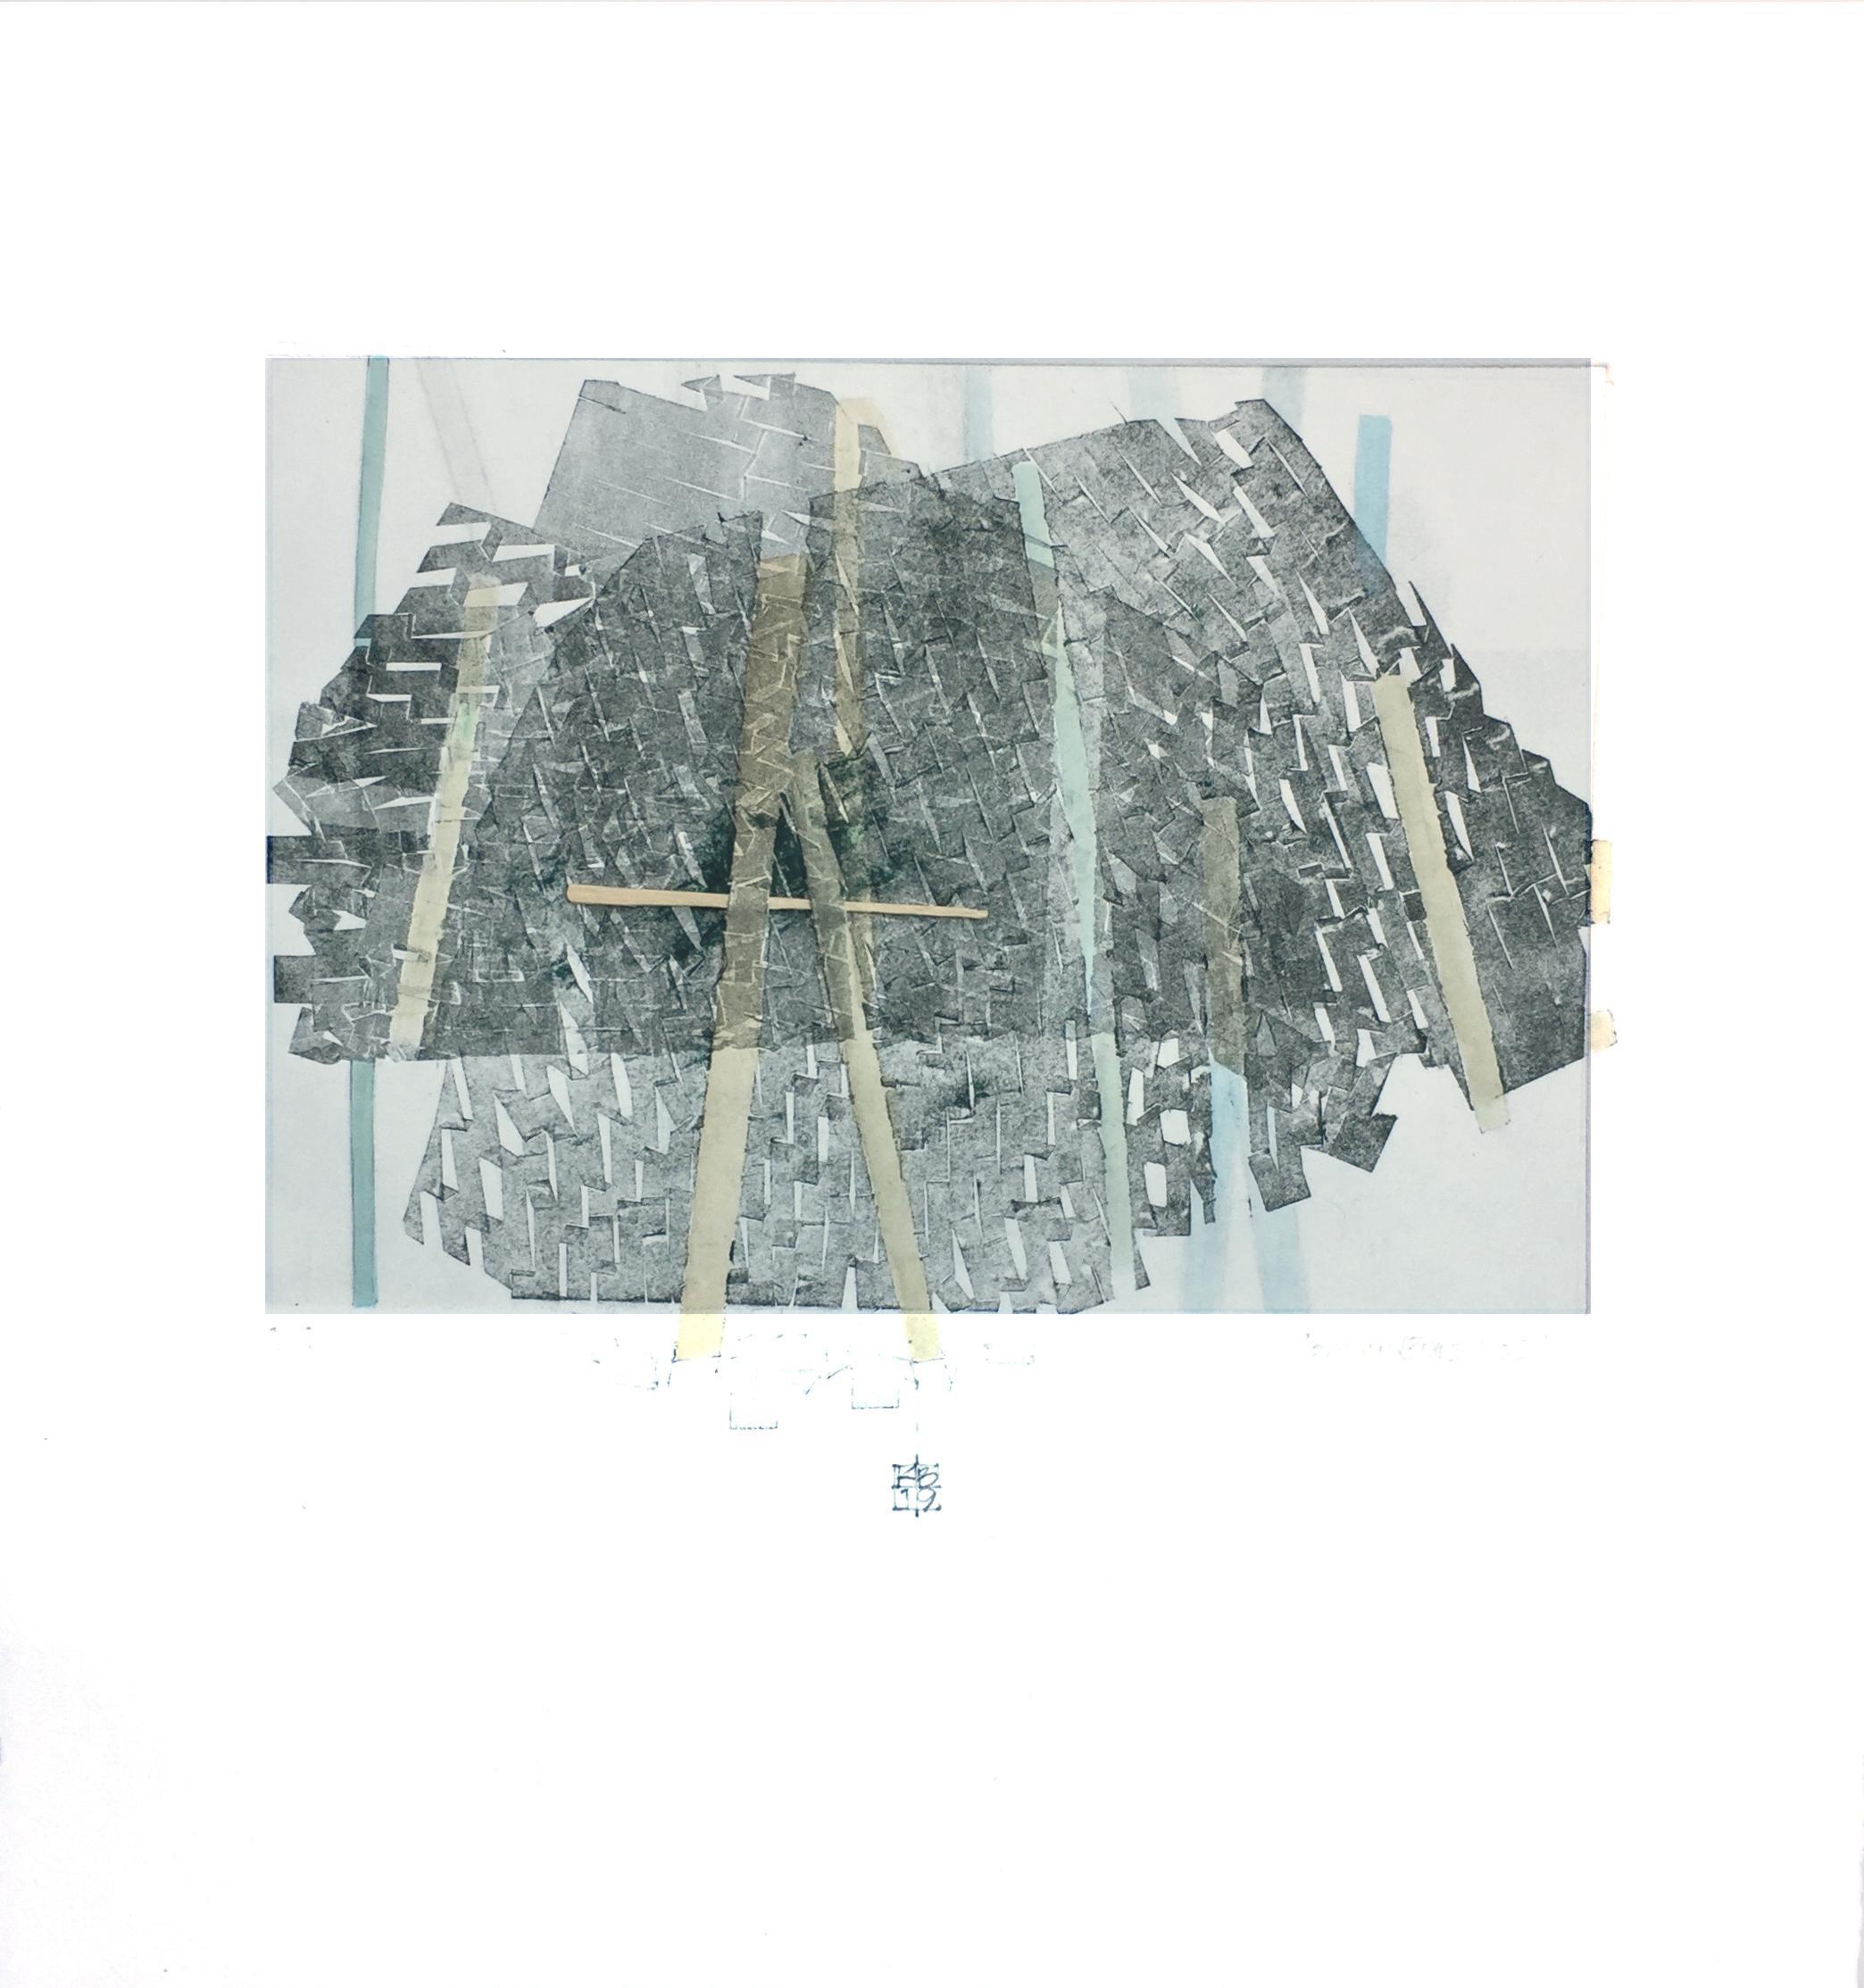 Behind Bars No. 2, abstract mixed media on paper, grey